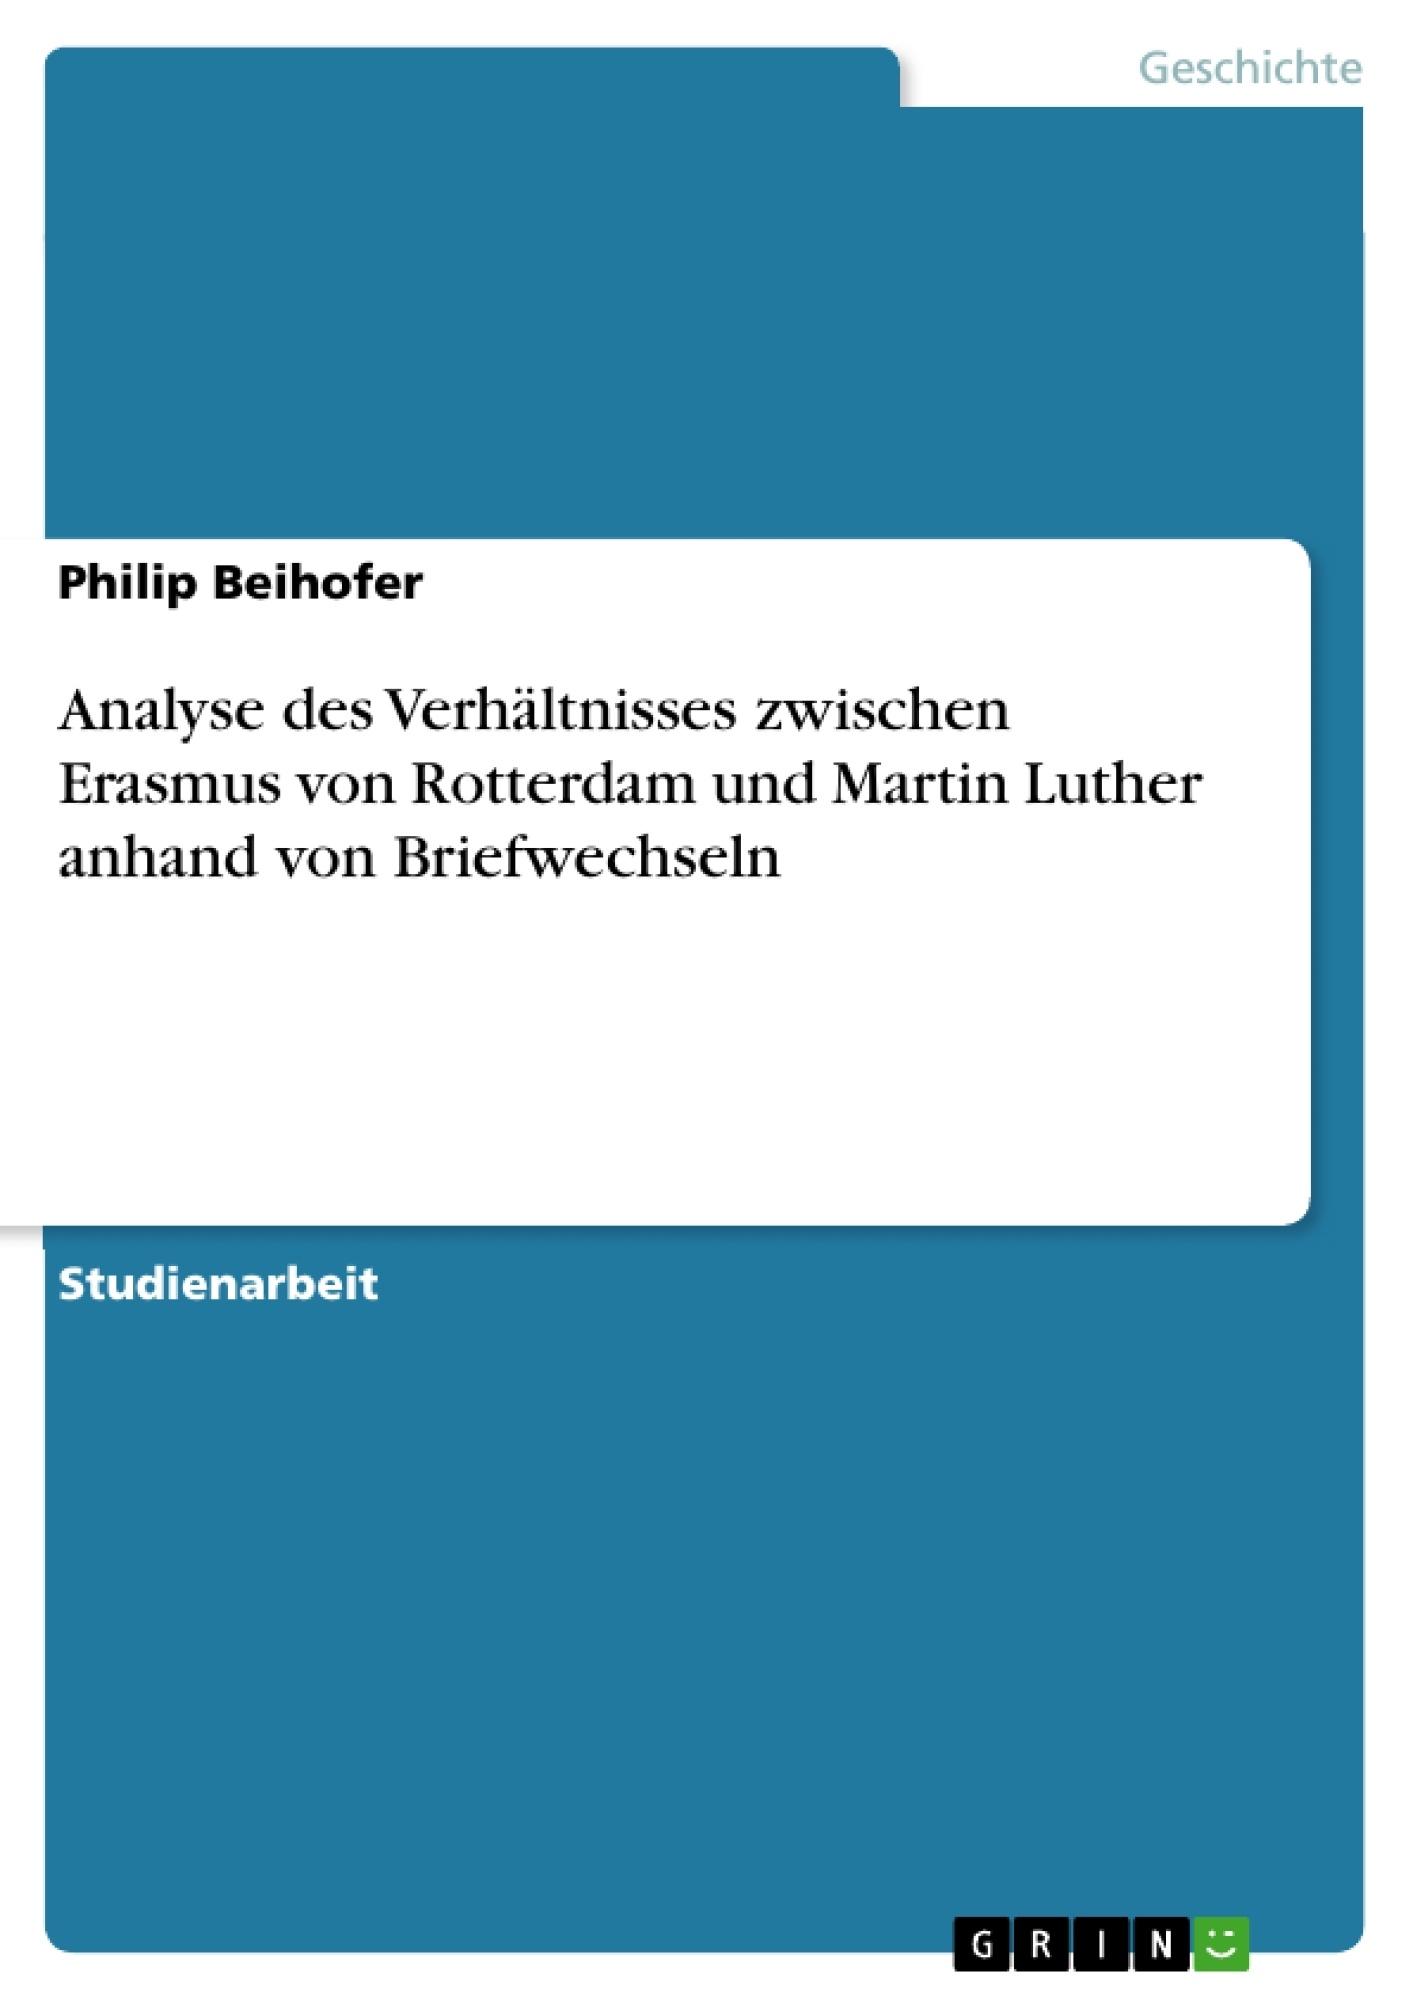 Titel: Analyse des Verhältnisses zwischen Erasmus von Rotterdam und Martin Luther anhand von Briefwechseln